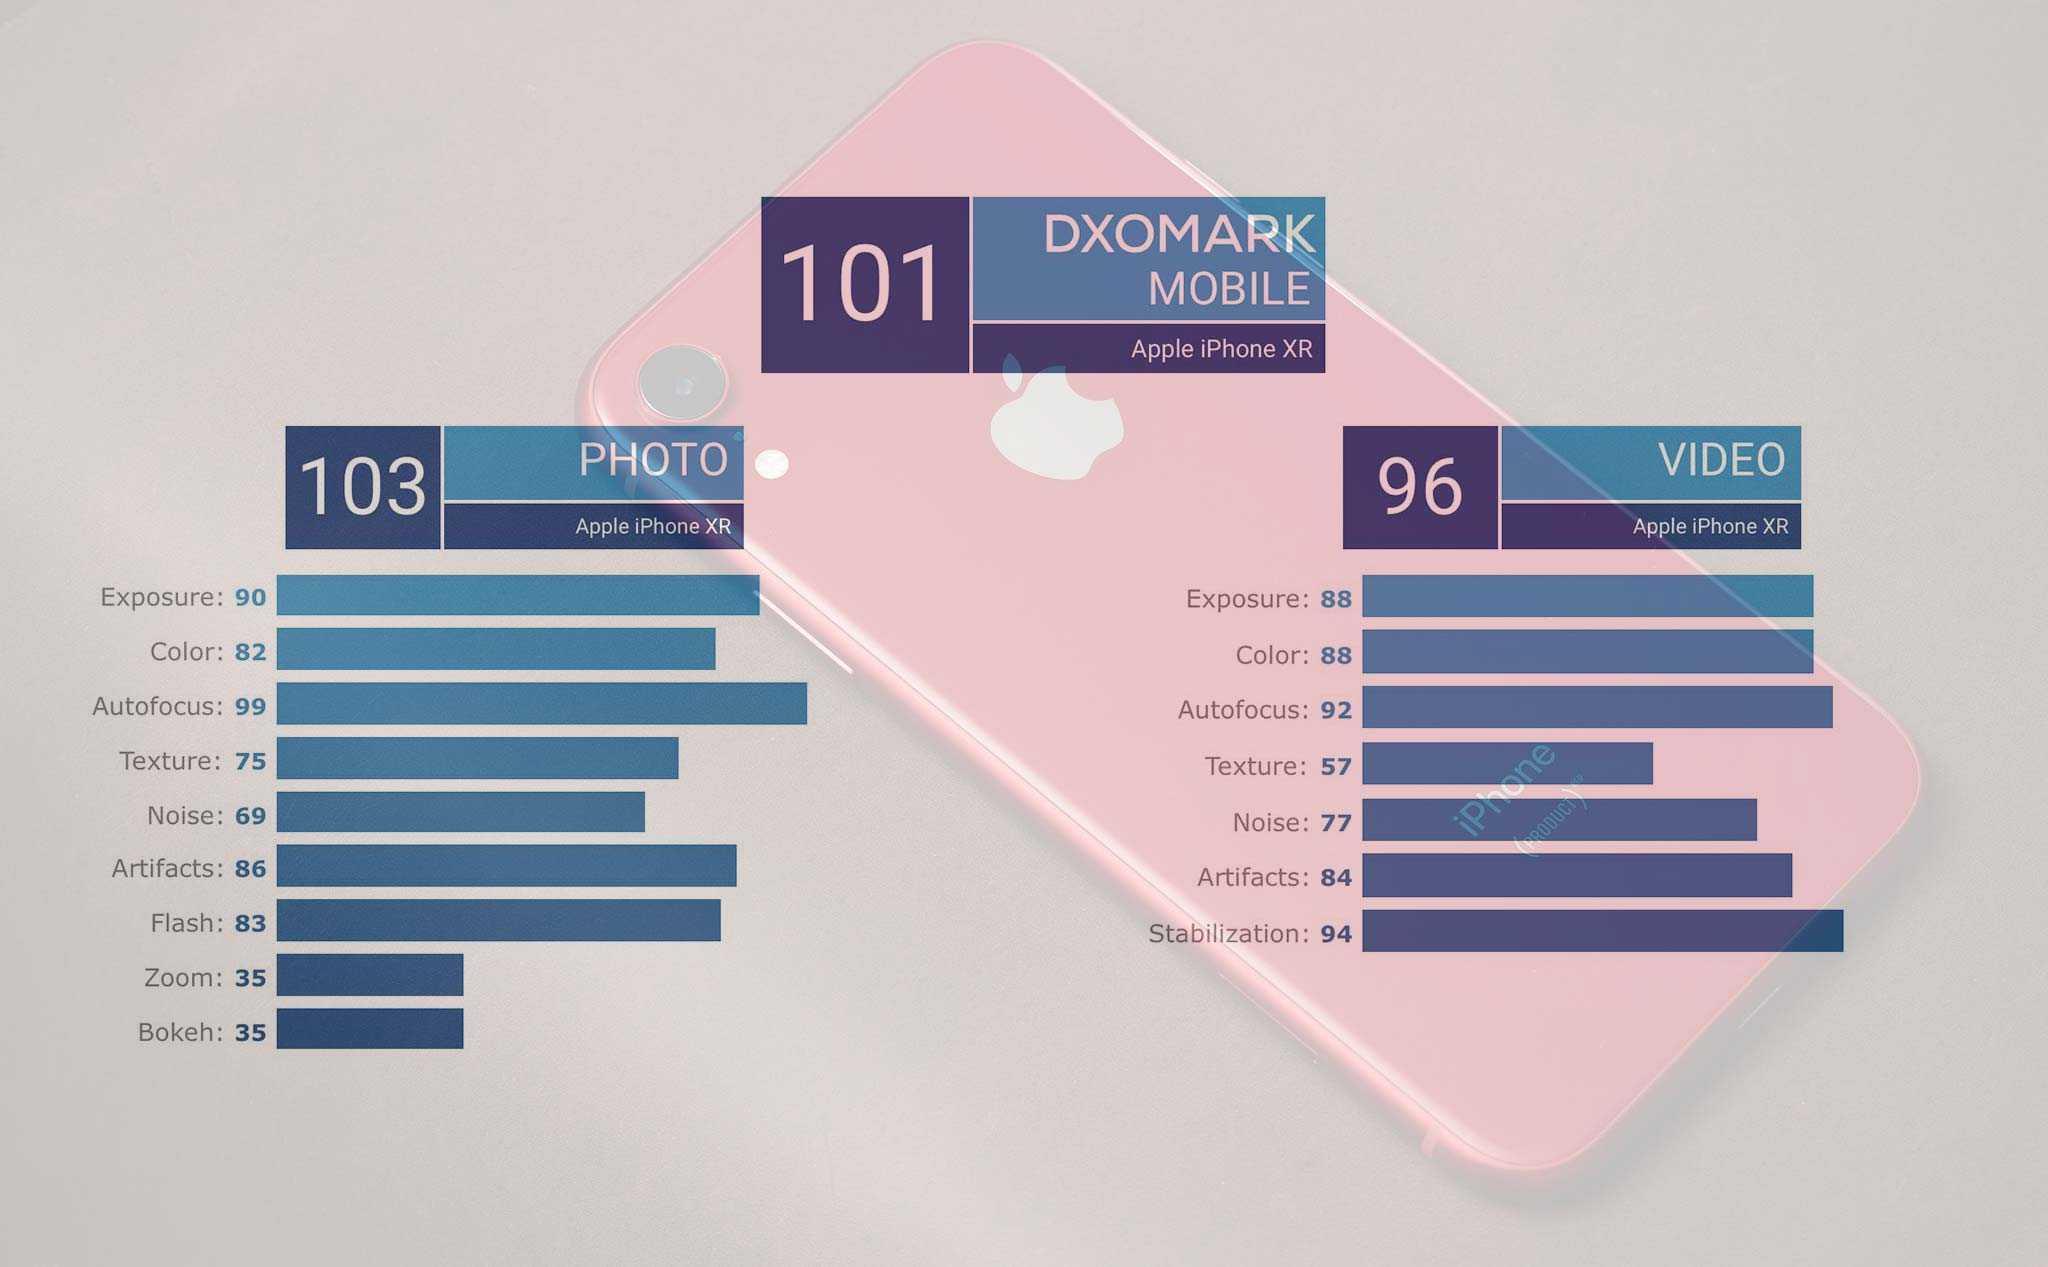 Лучшие телефоны на android в 2020-2021 году - обзор топ-15 моделей смартфонов